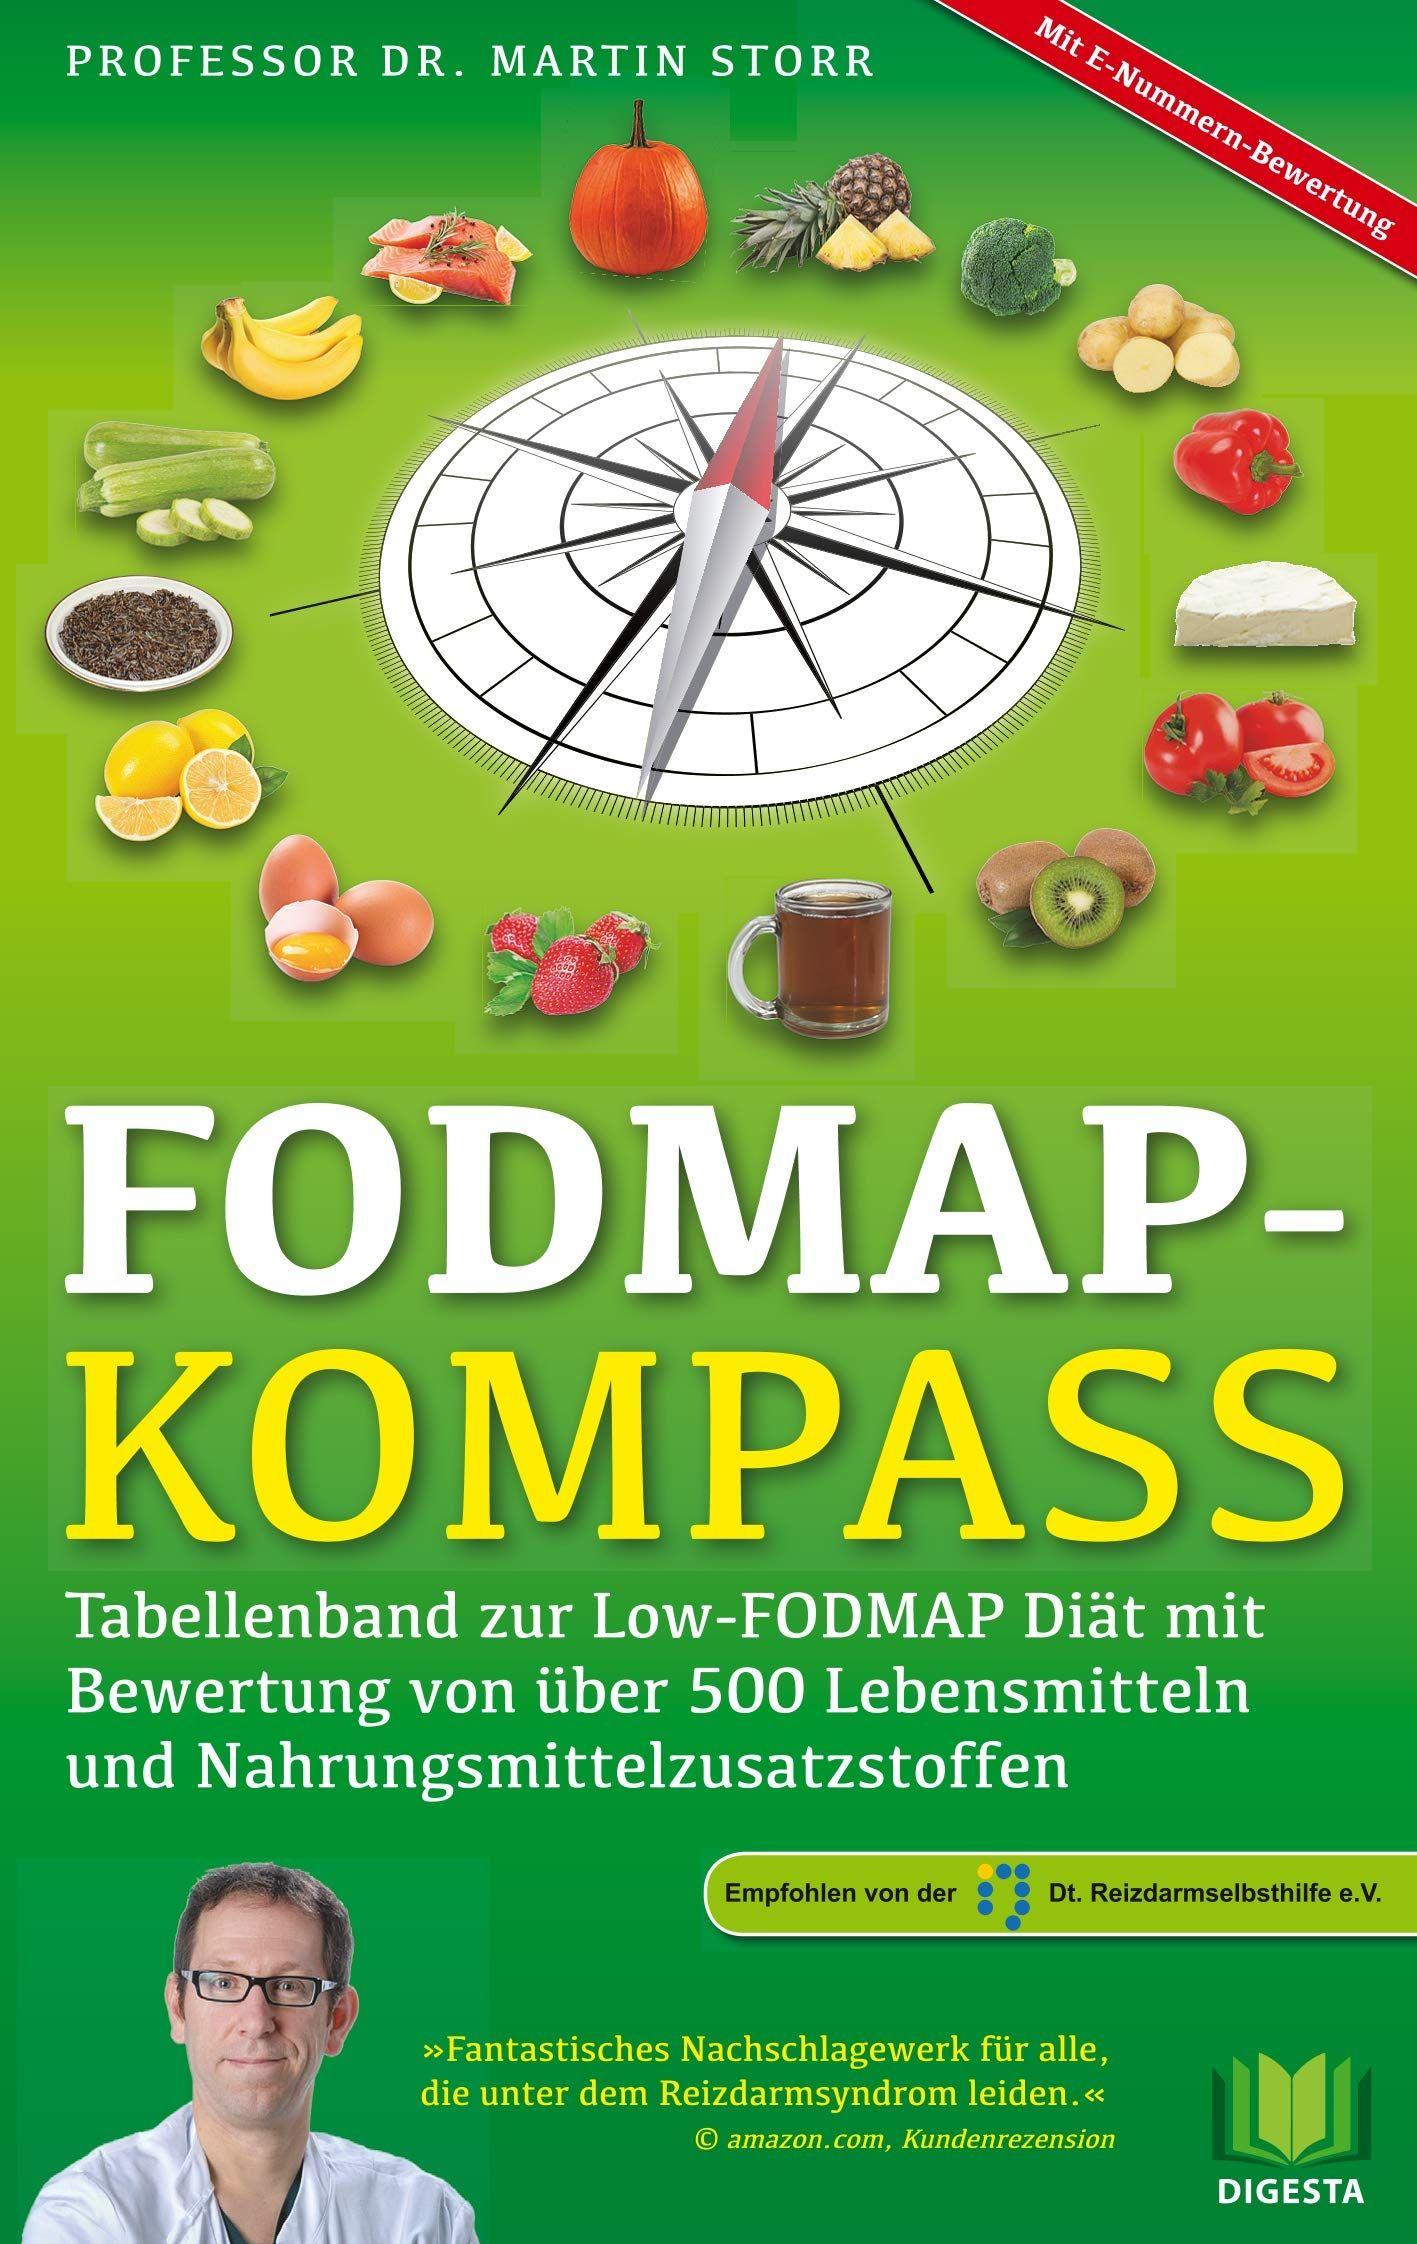 r 500 Lebensmitteln und Nahrungsmittelzusatzstoffen#Ballsportarten #Fitness #Kraftsport #Fun #Trend...